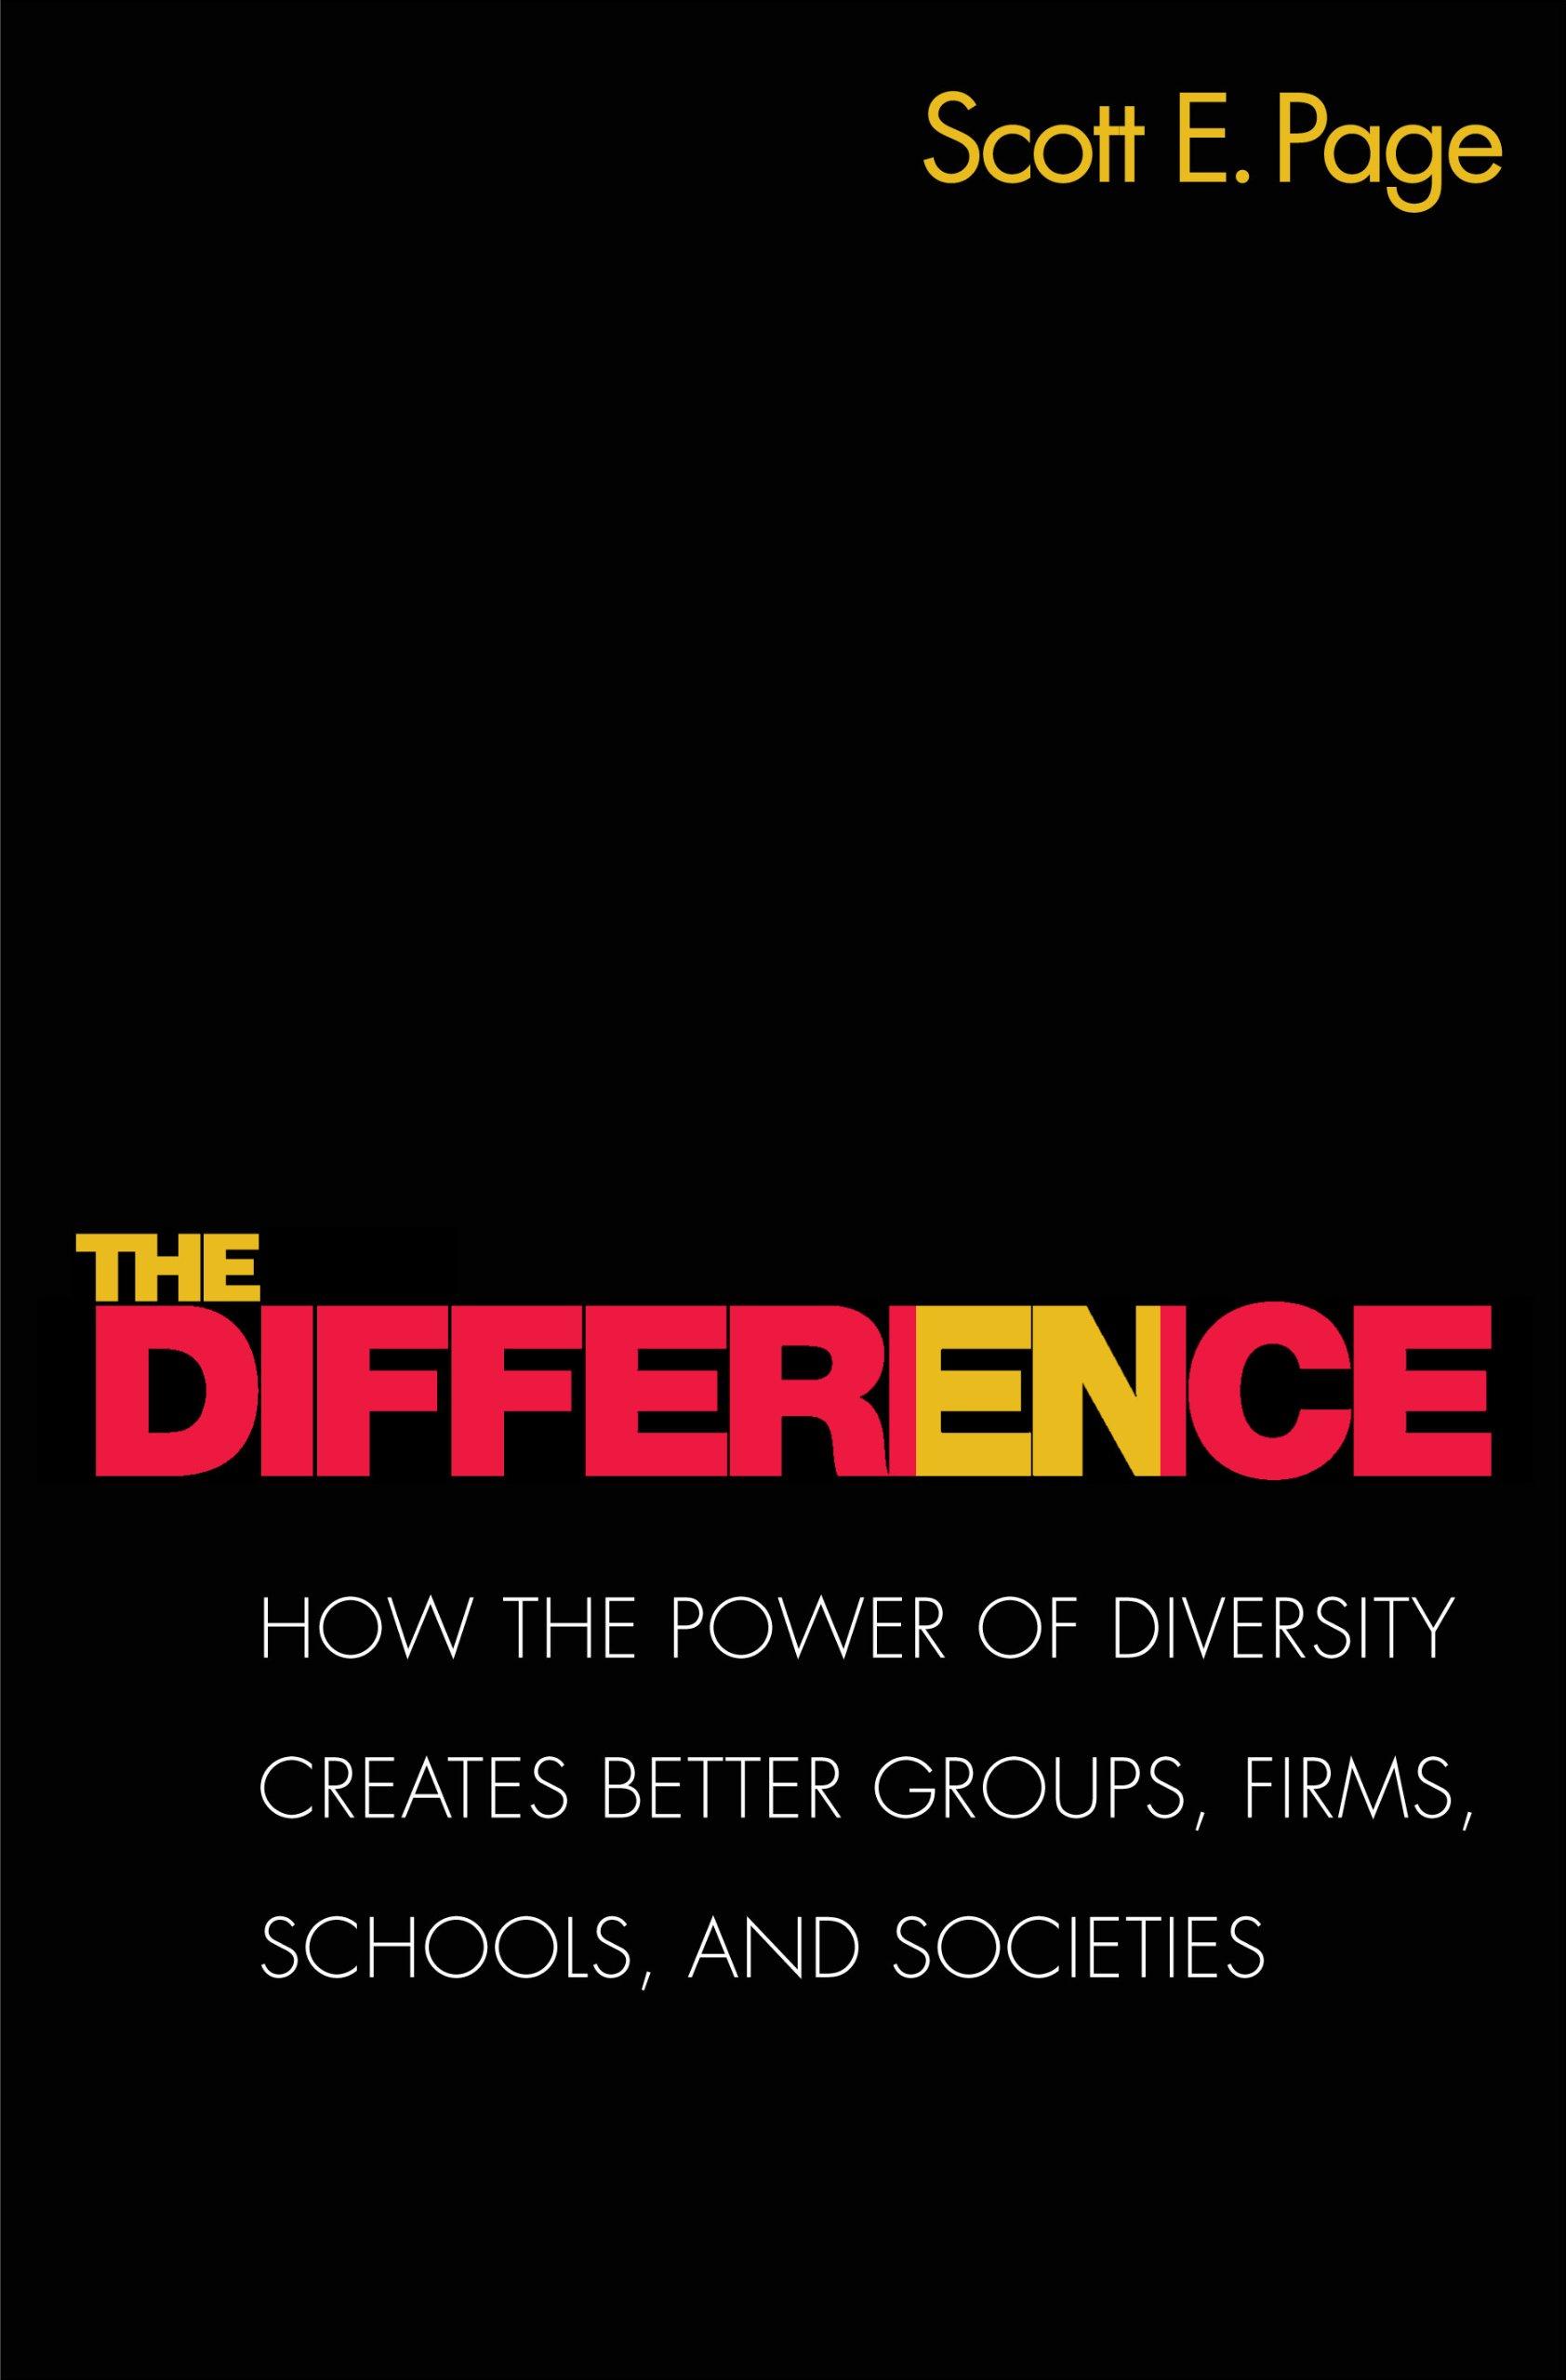 Impacto de la diversidad en el error colectivo según Scott Page